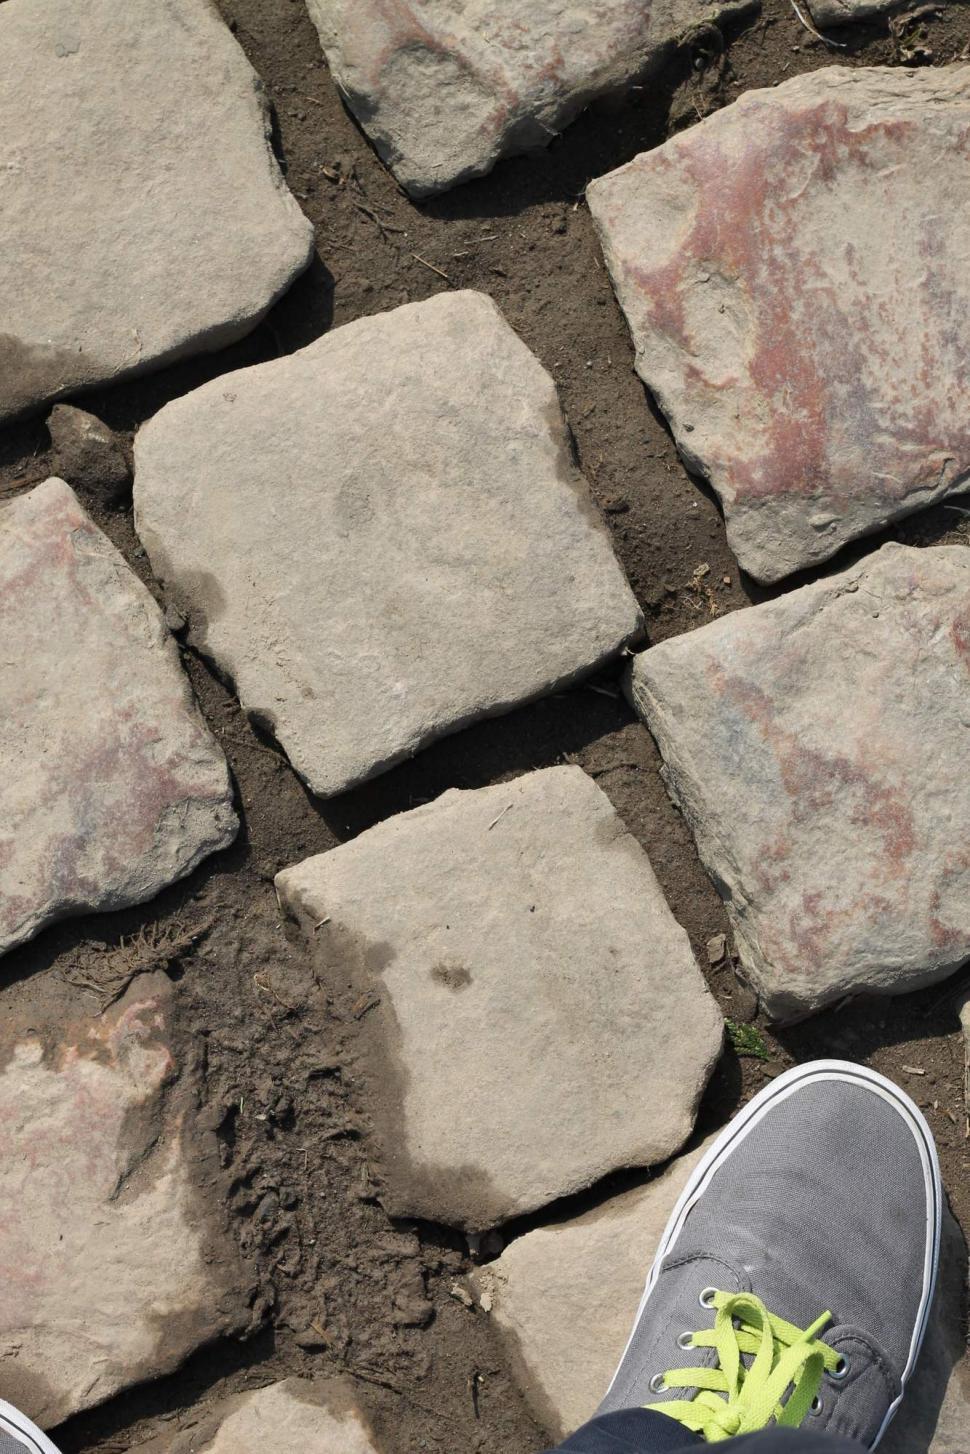 Paris roubaix standing on the cobbles